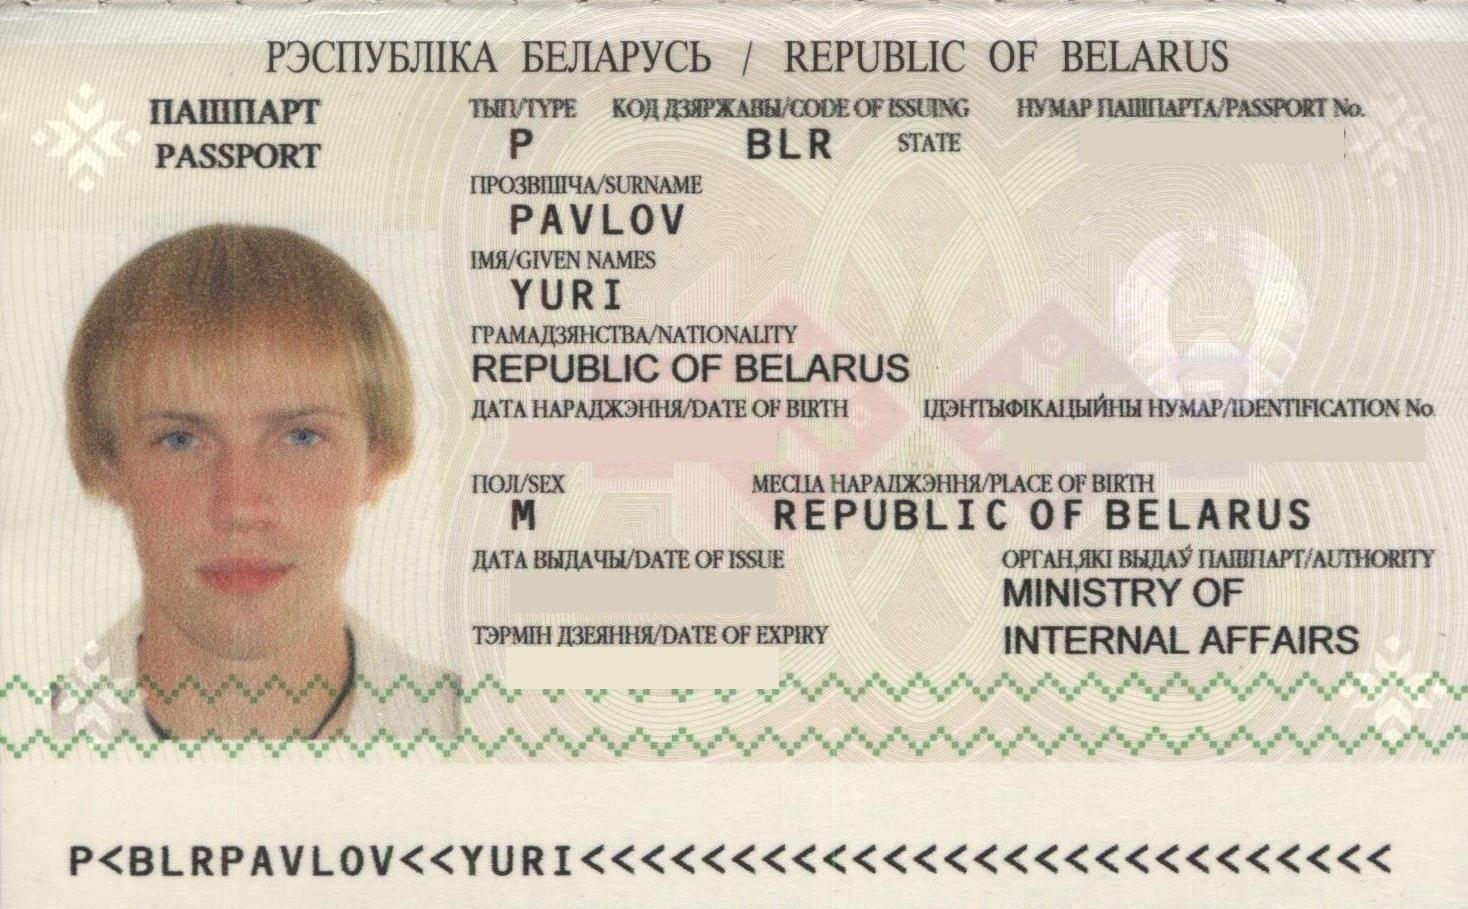 Как быстро можно сделать паспорт в рб